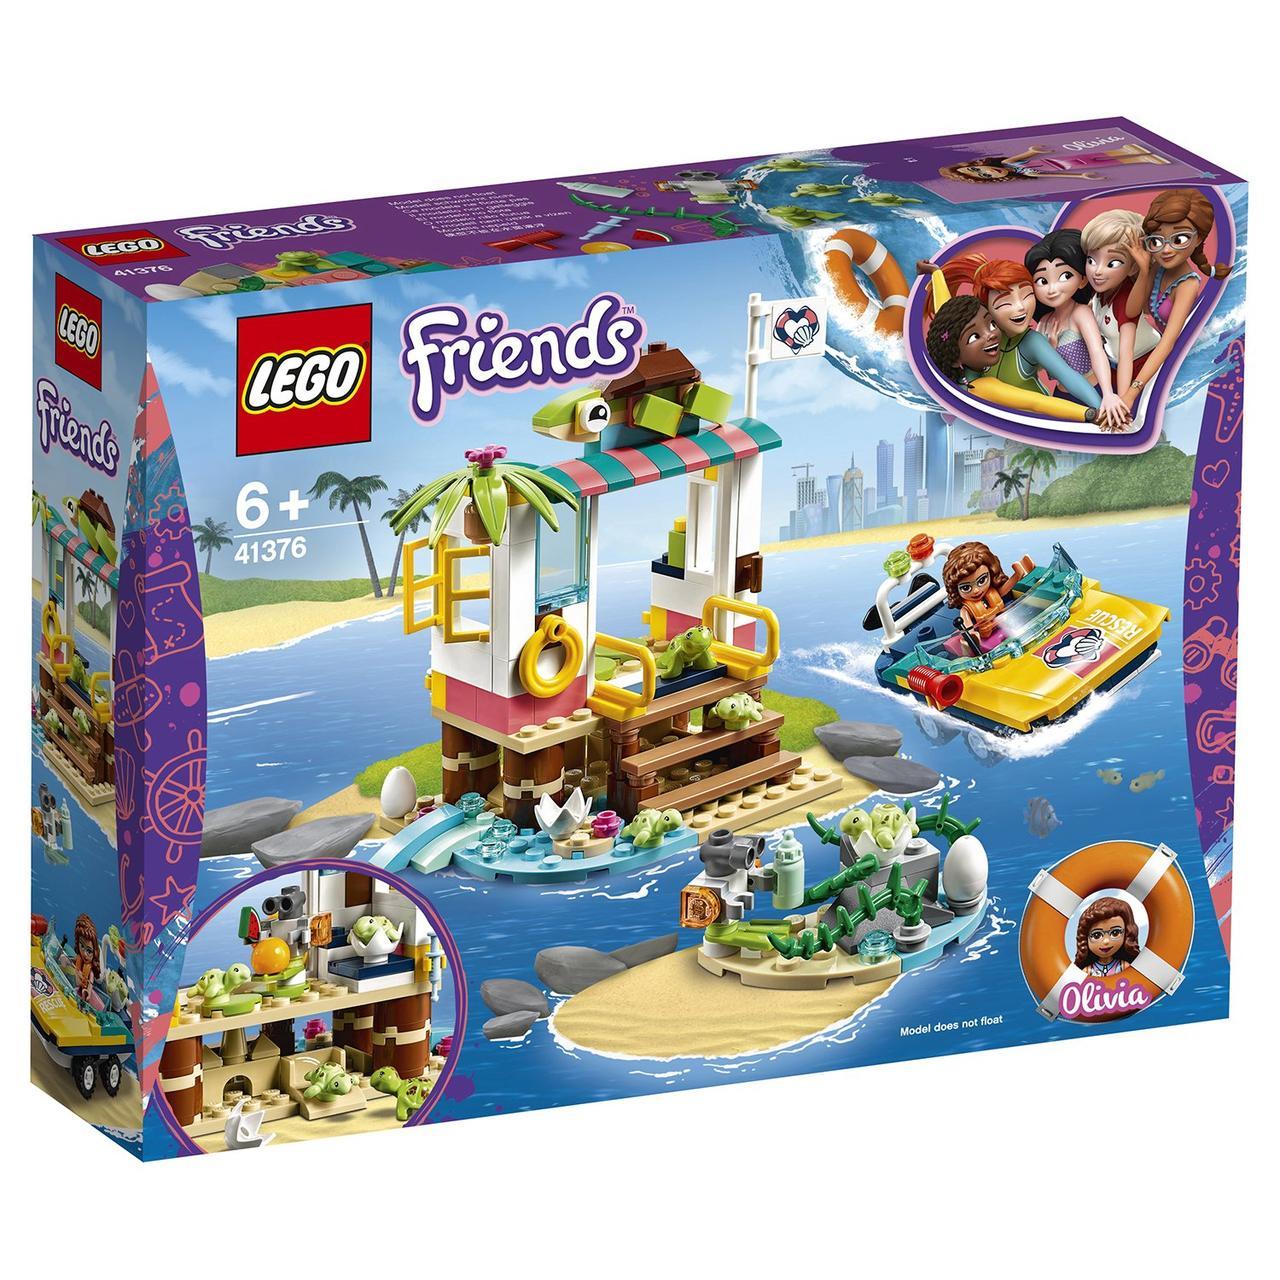 41376 Lego Friends Спасение черепах, Лего Подружки